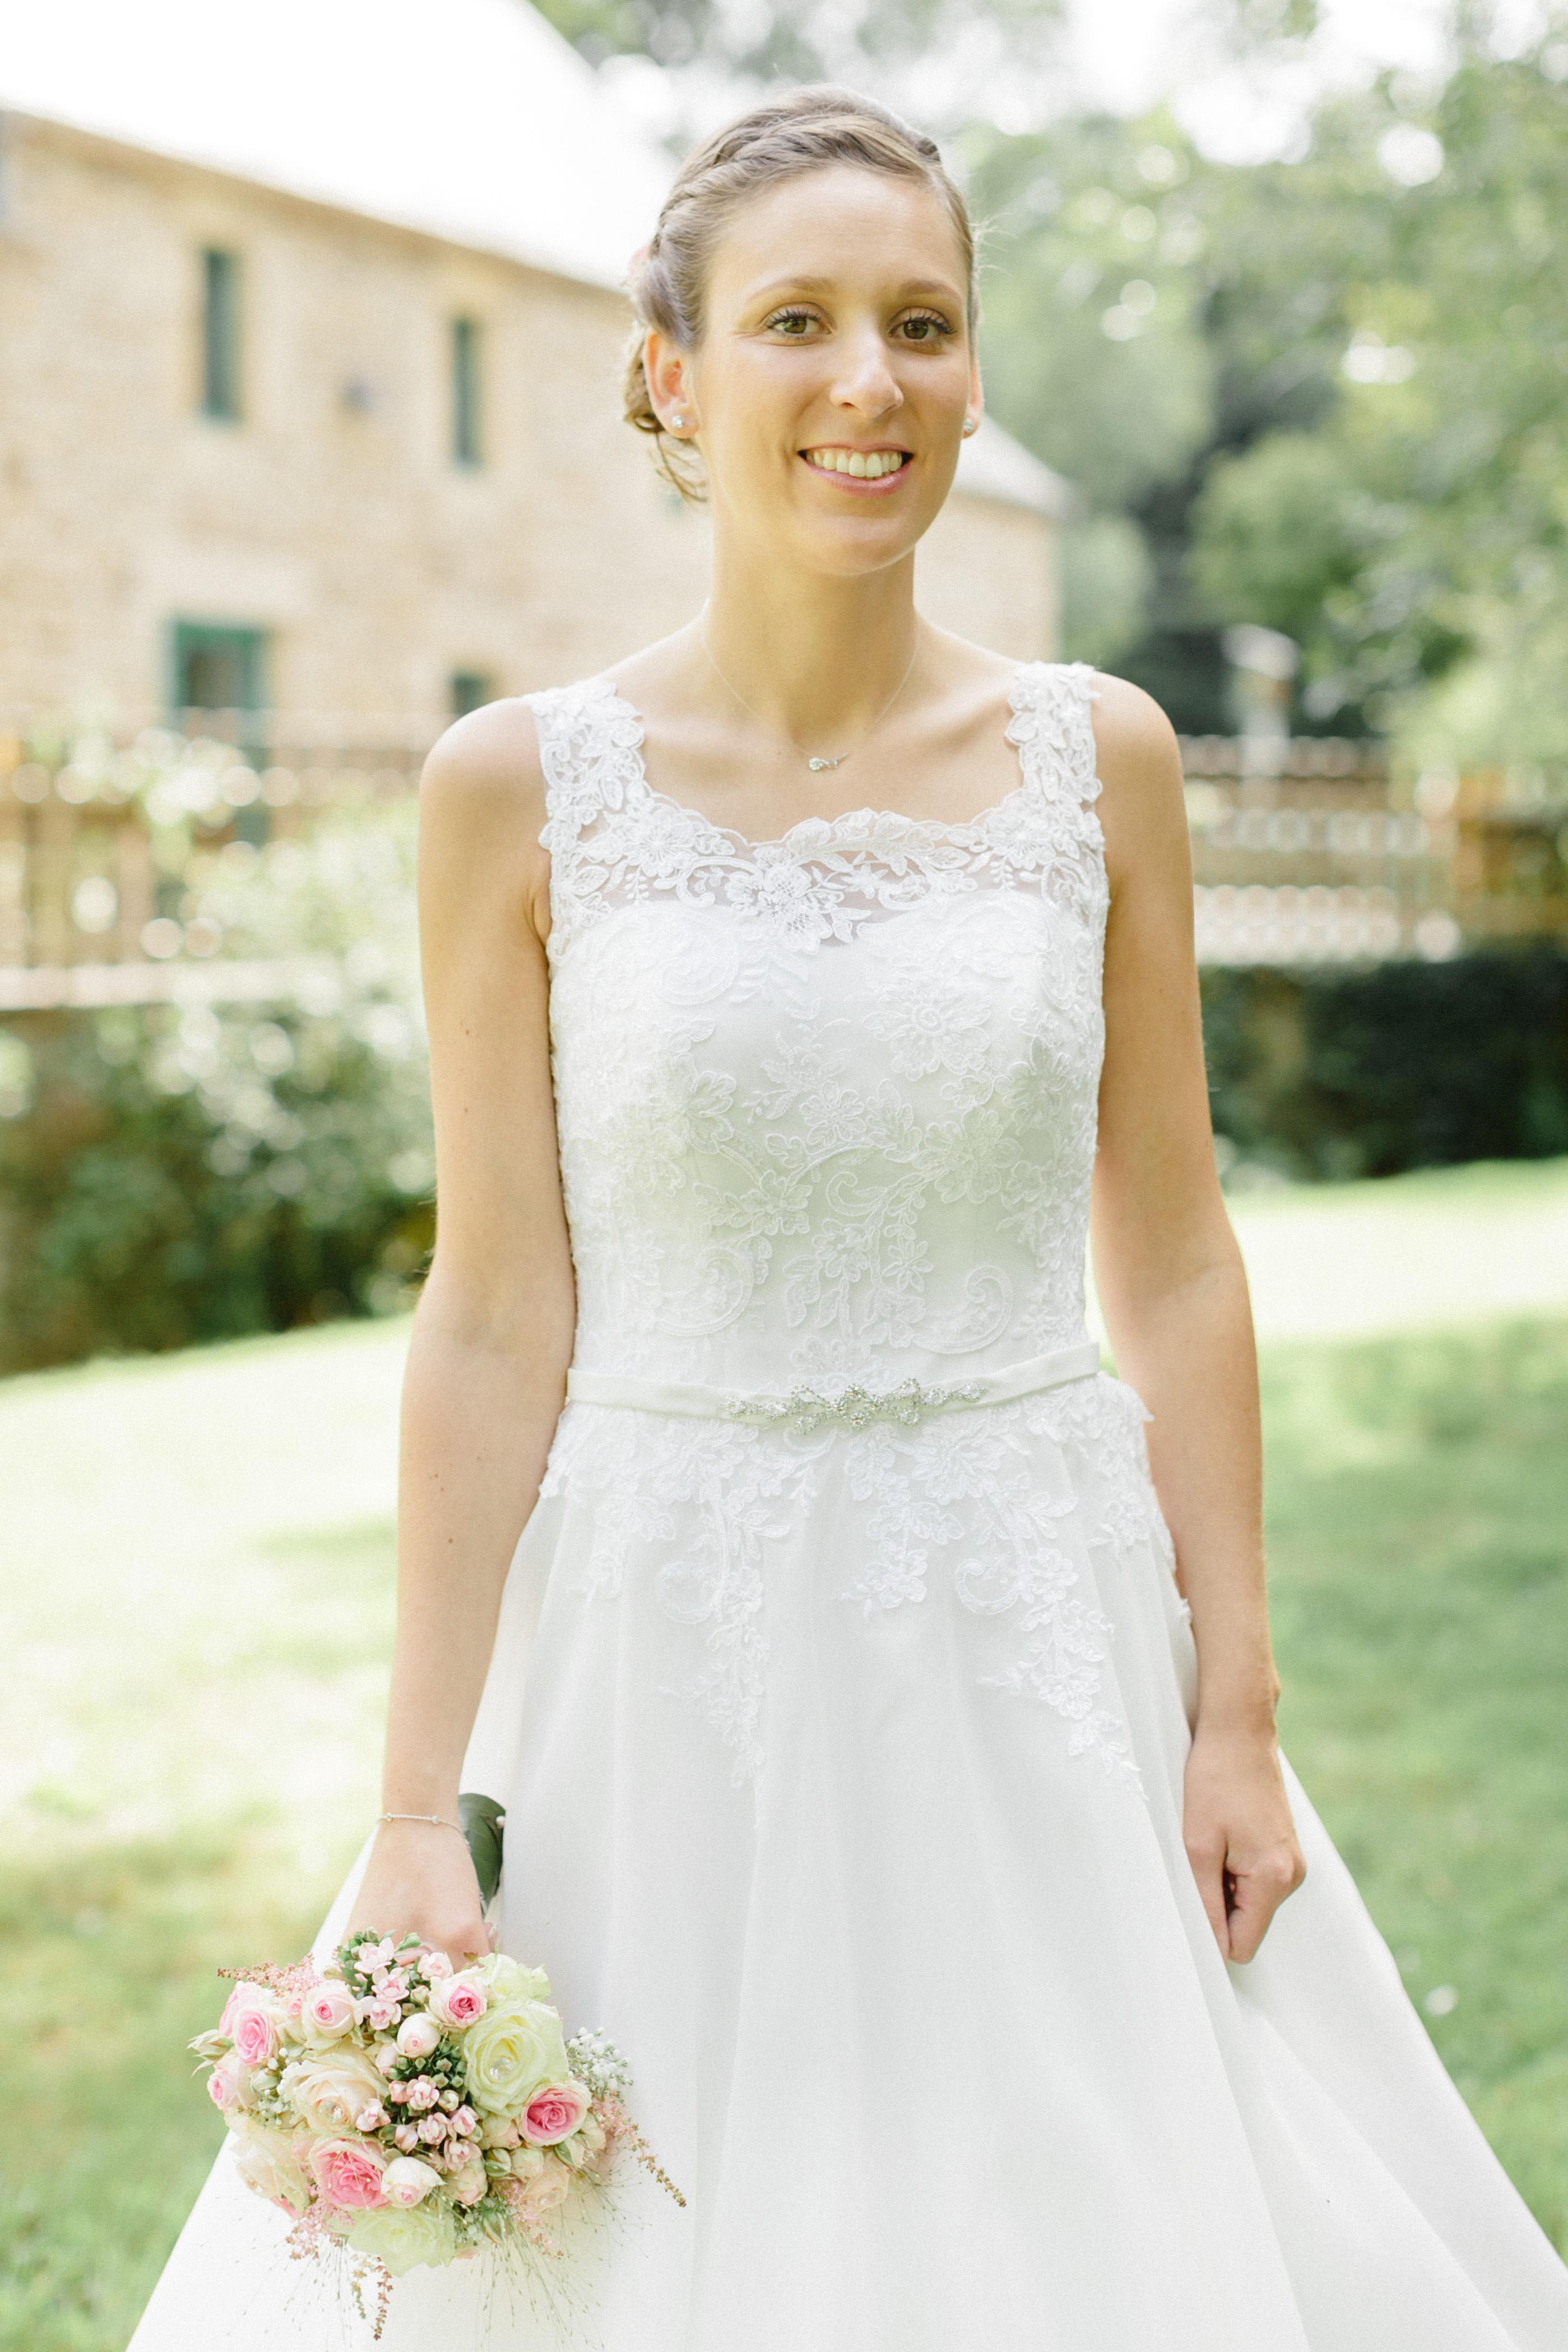 Mariage-Morbihan-Bretagne-Vannes-Lilian Vezin (30)